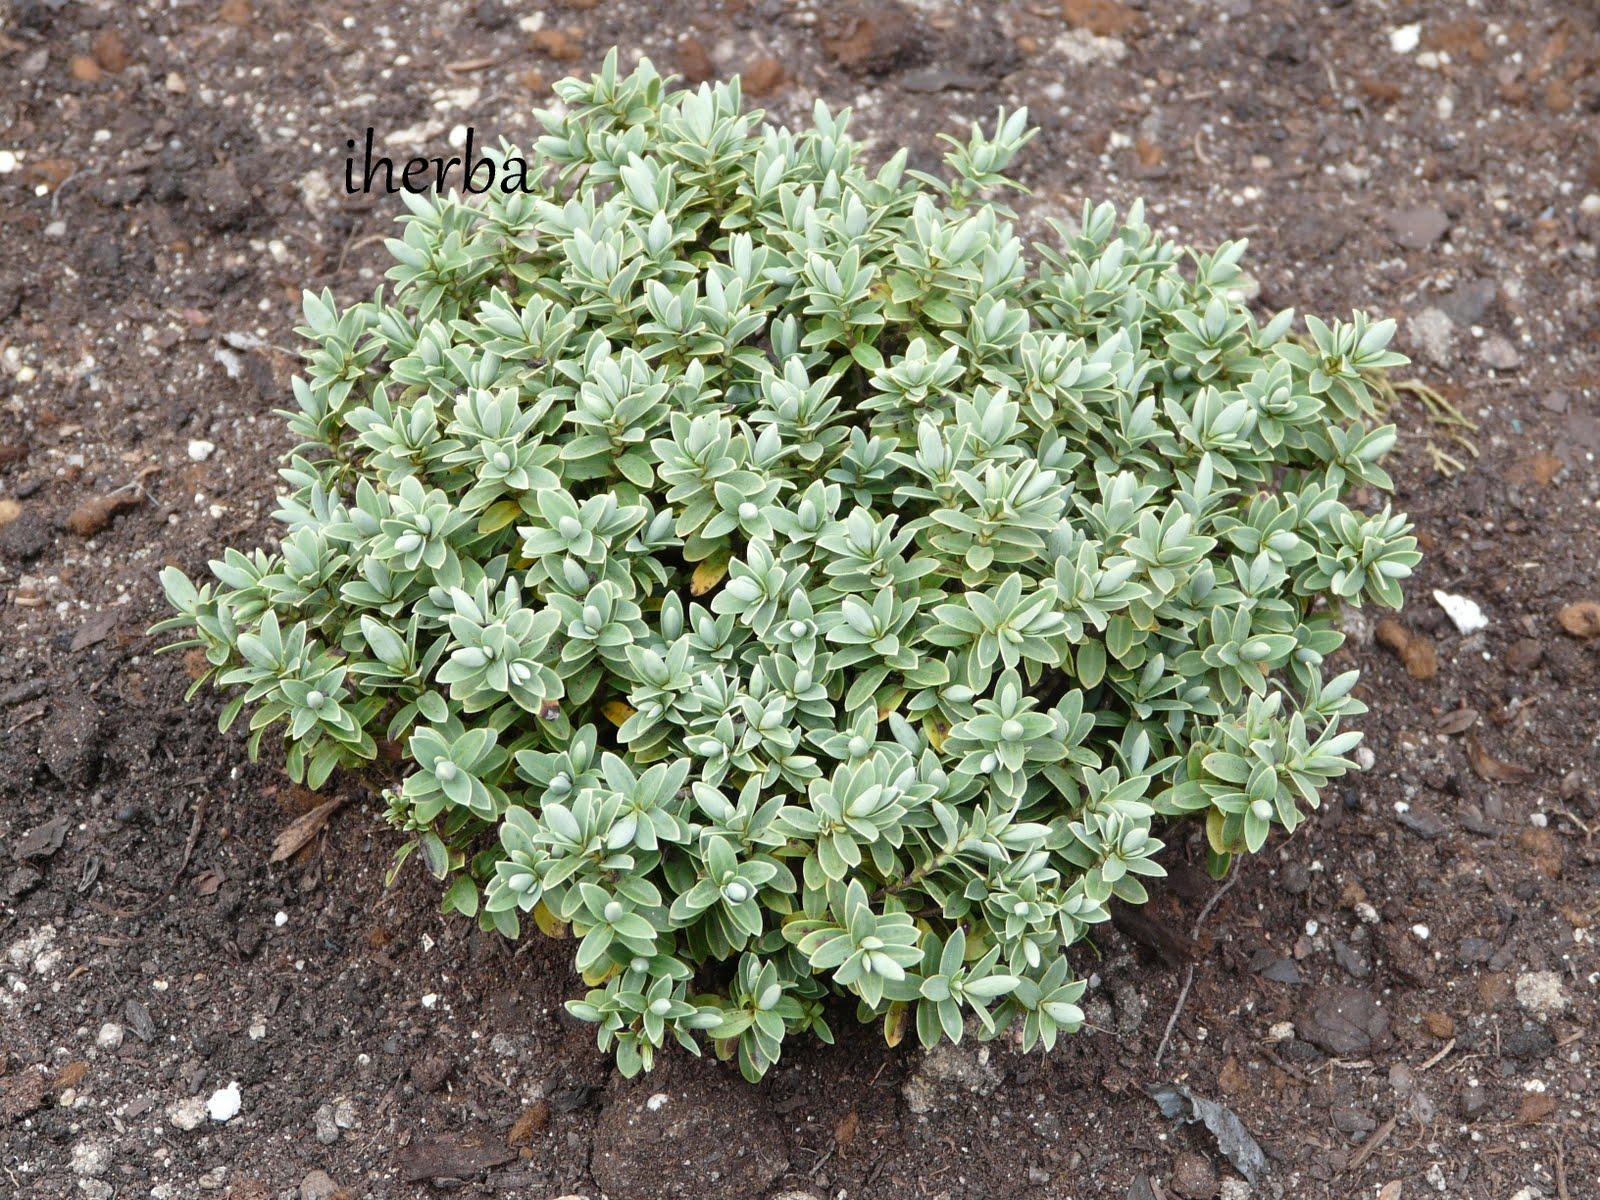 El mundo de las plantas de iherba los hebes for Hebe arbusto